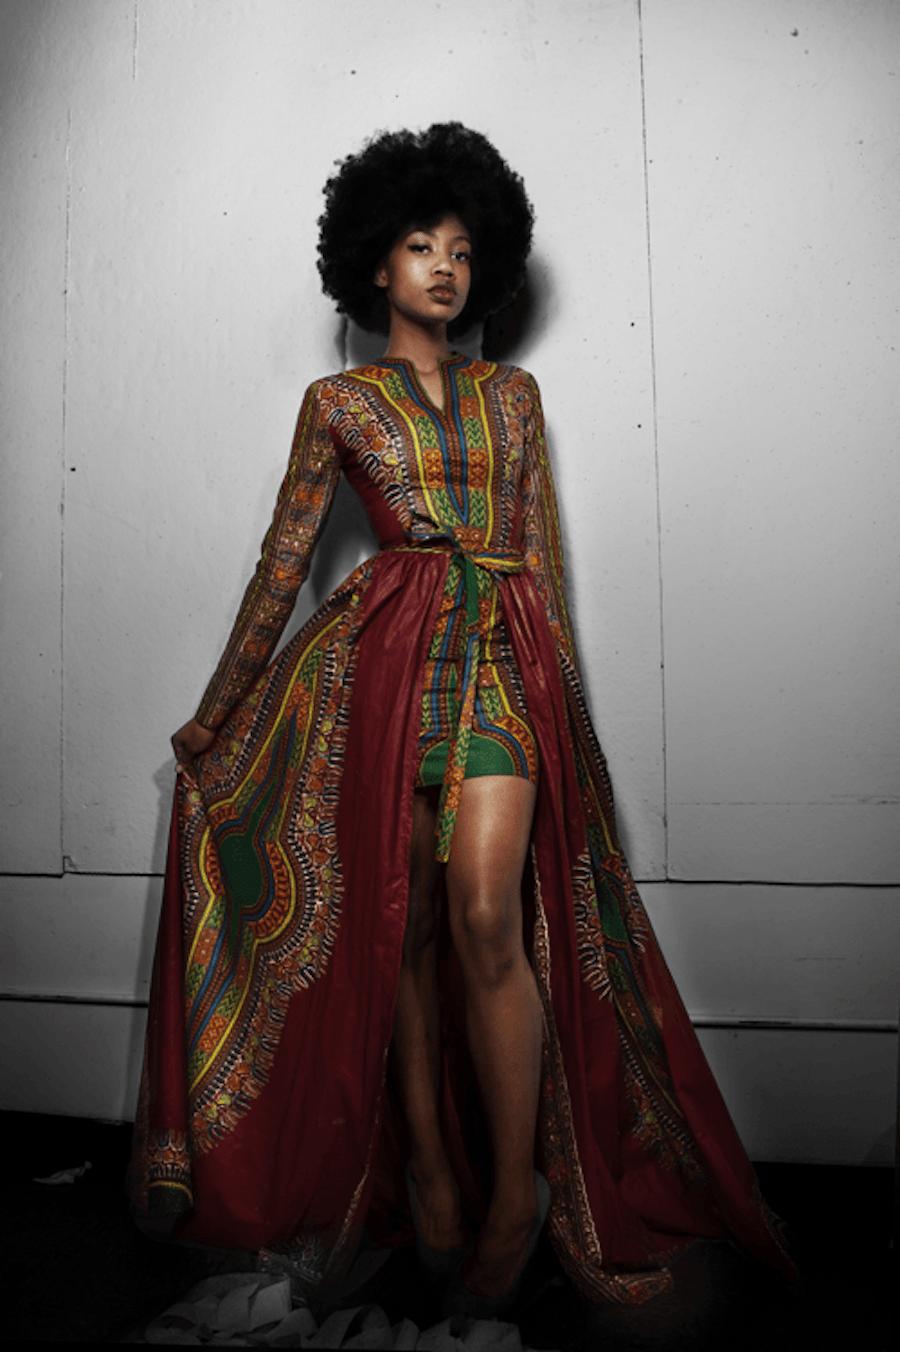 c588b8ea7ee Black Girl Prom Dresses 2017 - Data Dynamic AG